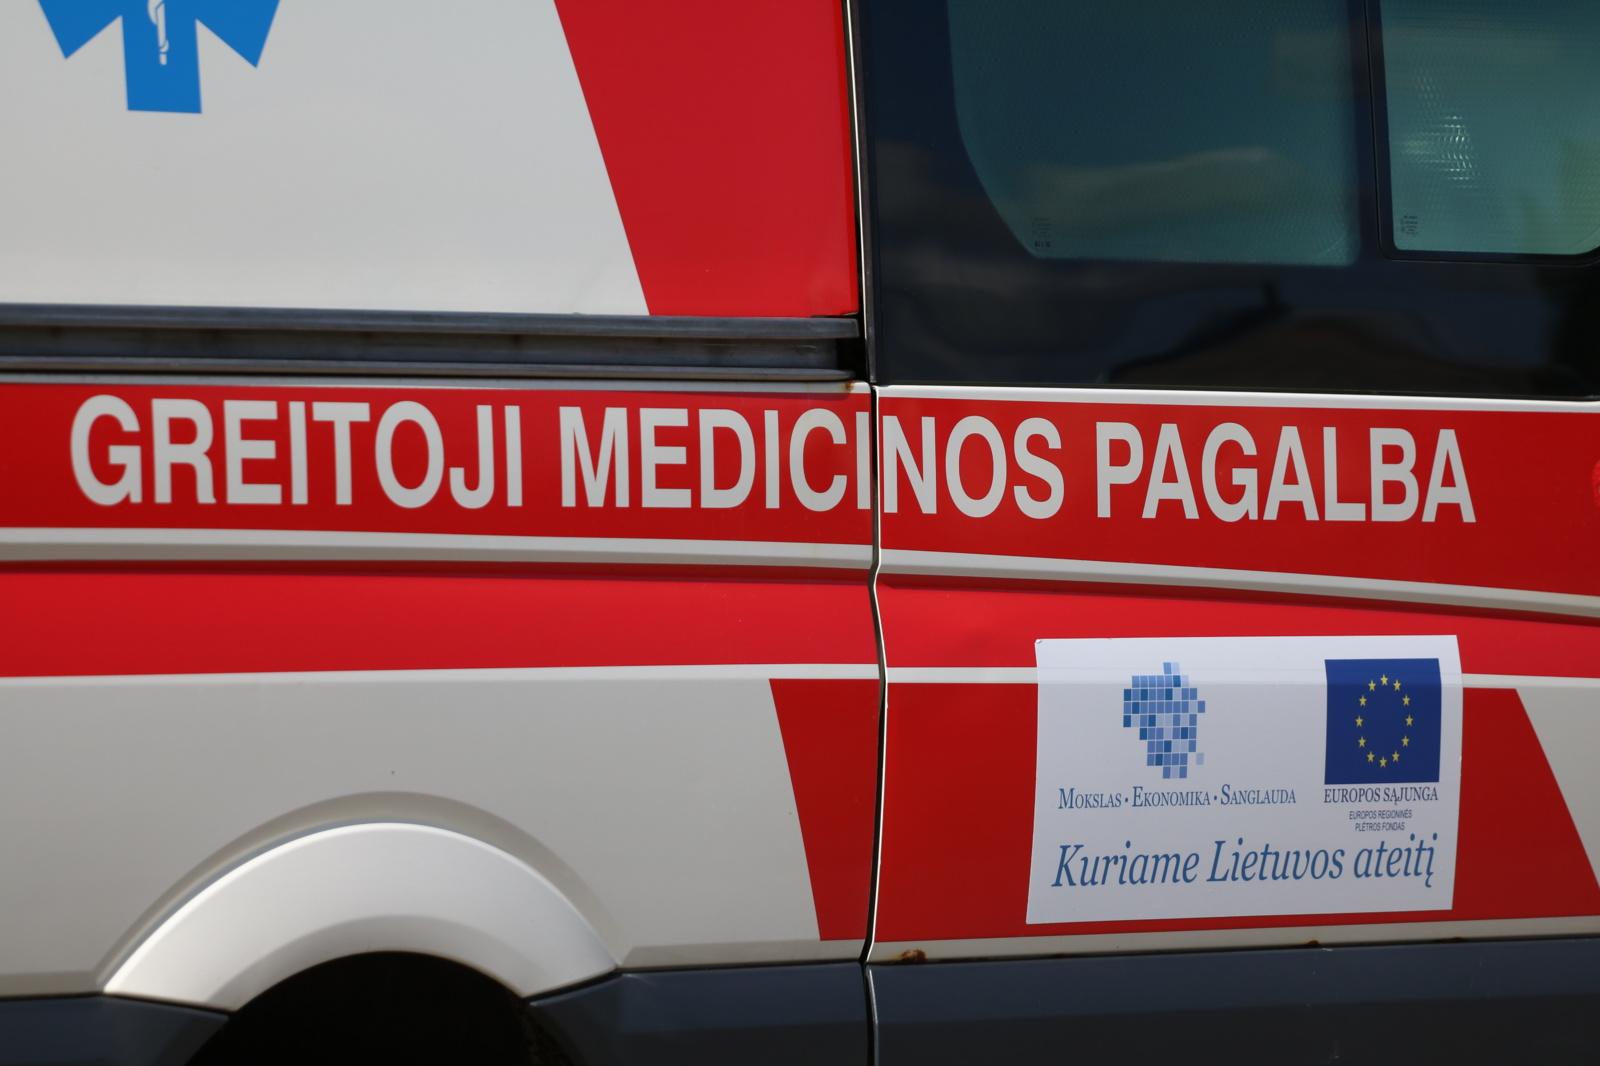 Vilniuje automobilis partrenkė 13-metį amerikietį